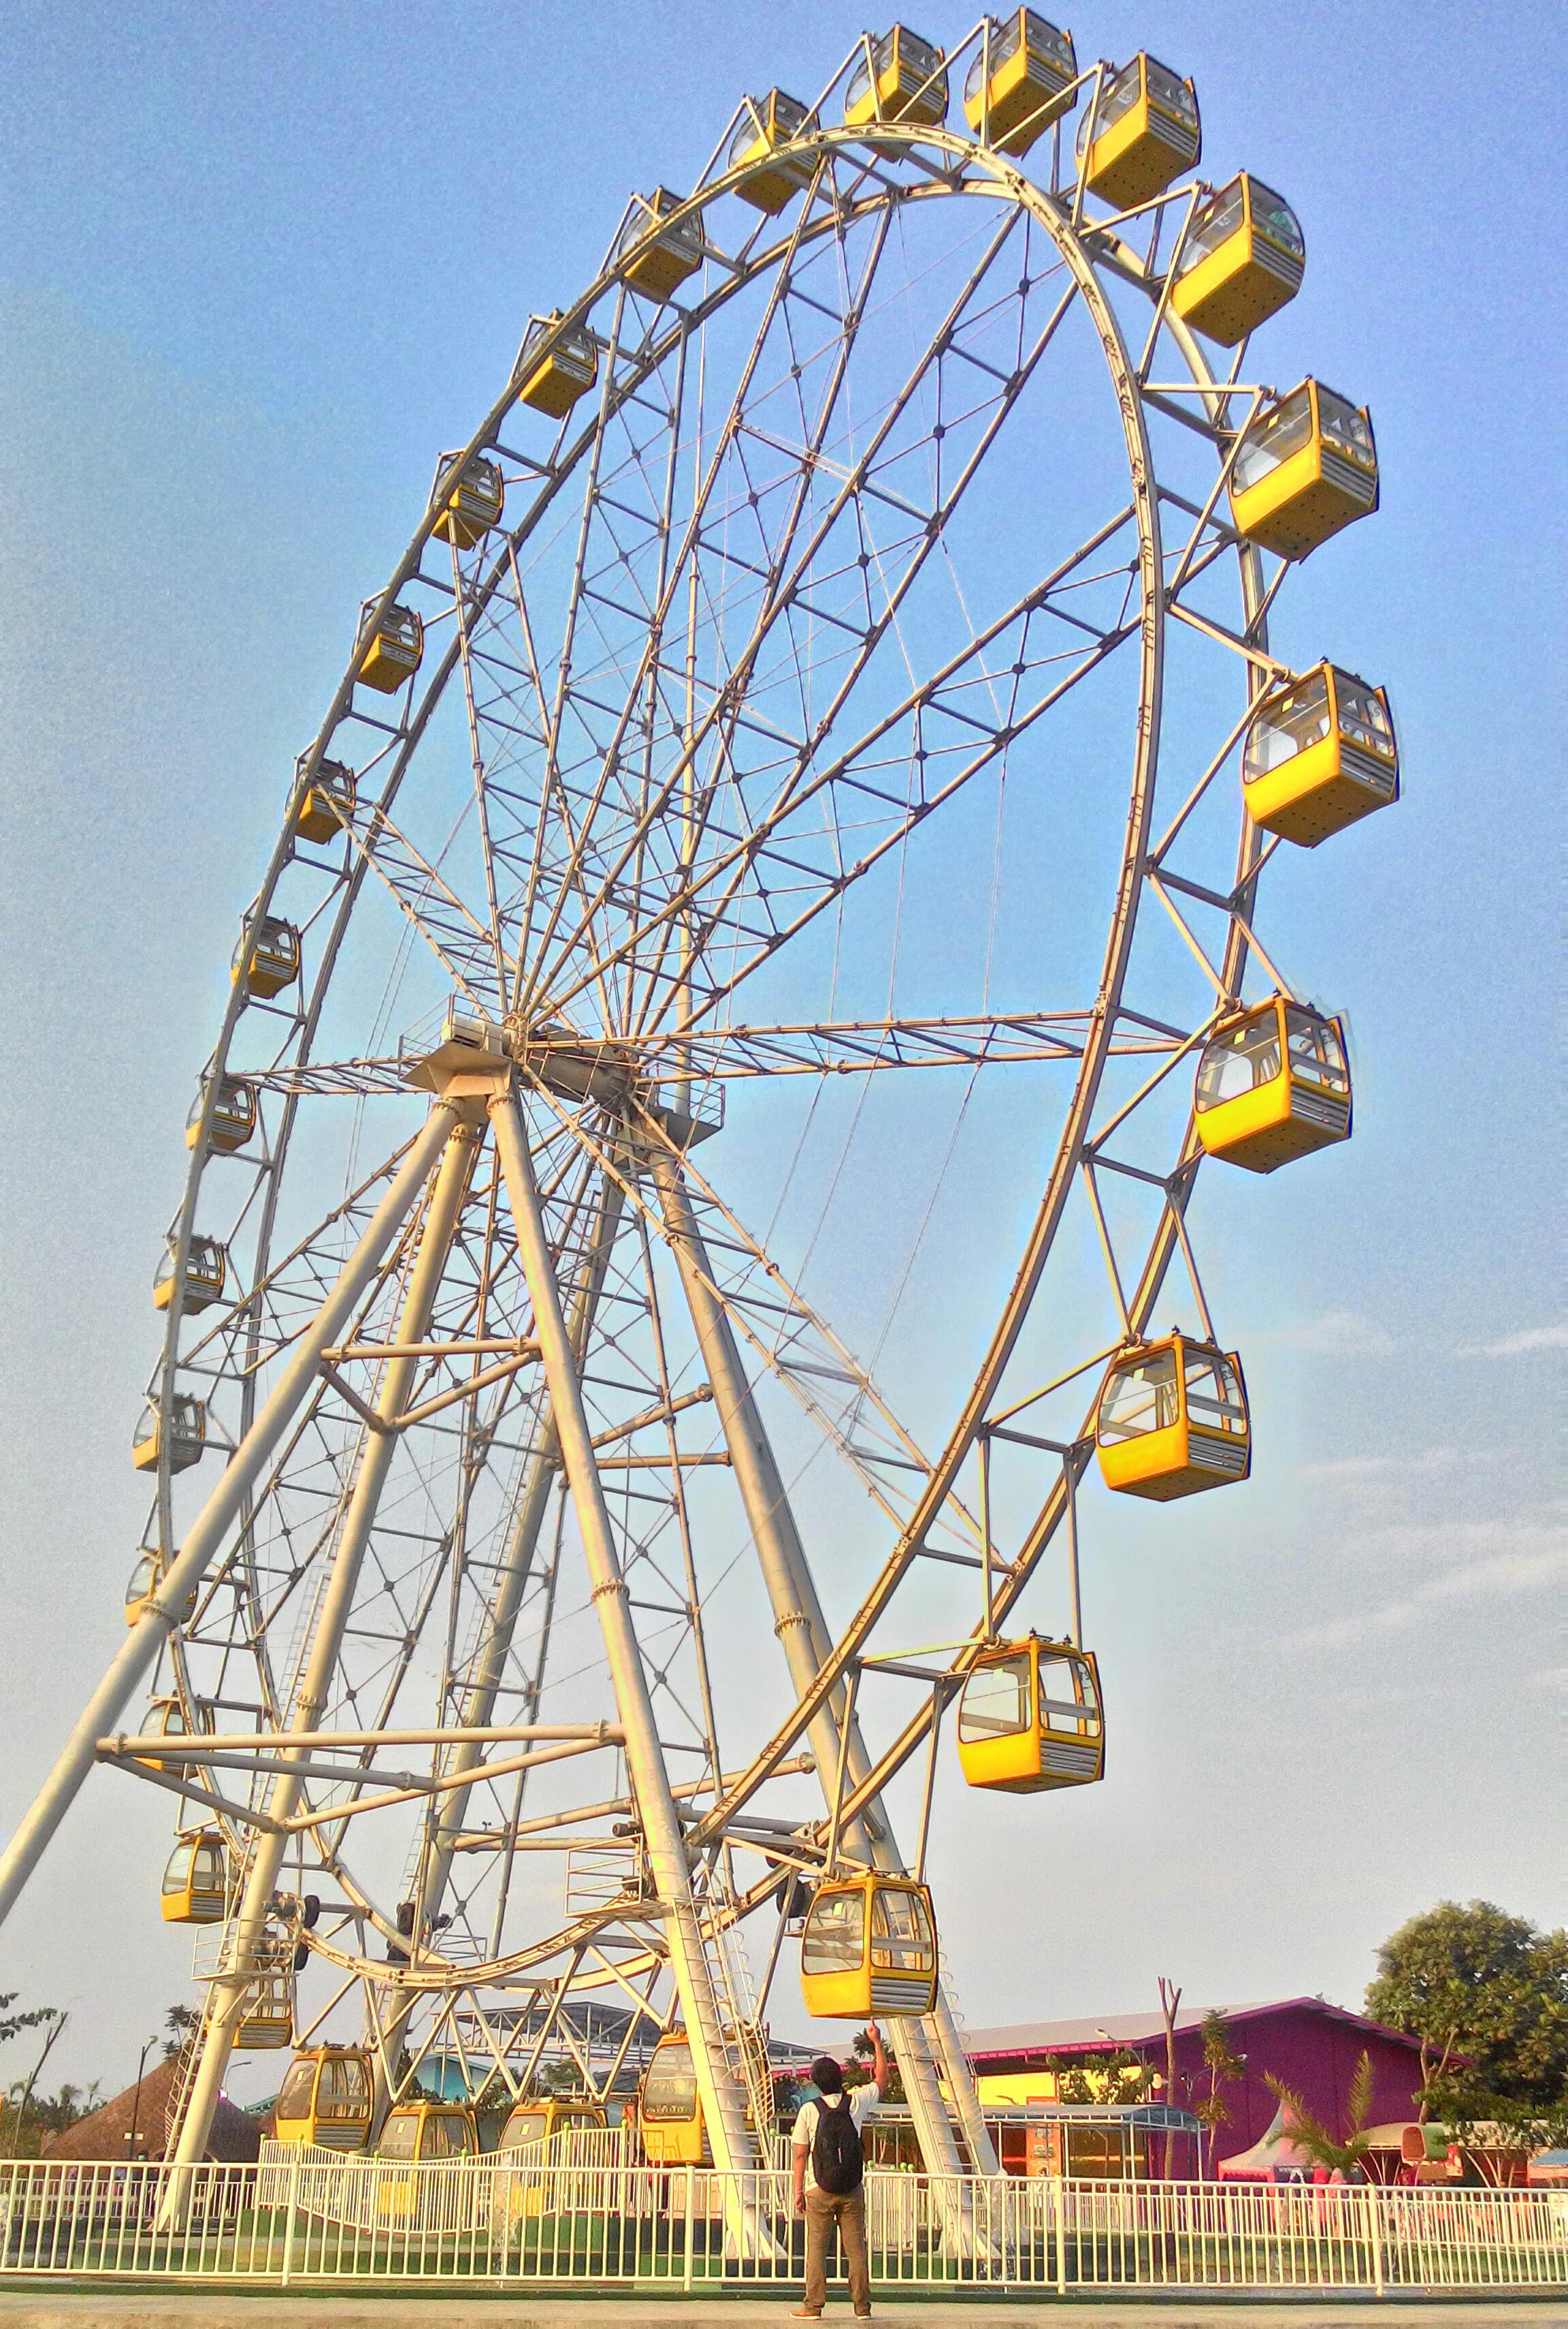 Jogja Punya Themepark Sindu Kusuma Edupark Kubikel Bianglala Park Yogyakarta